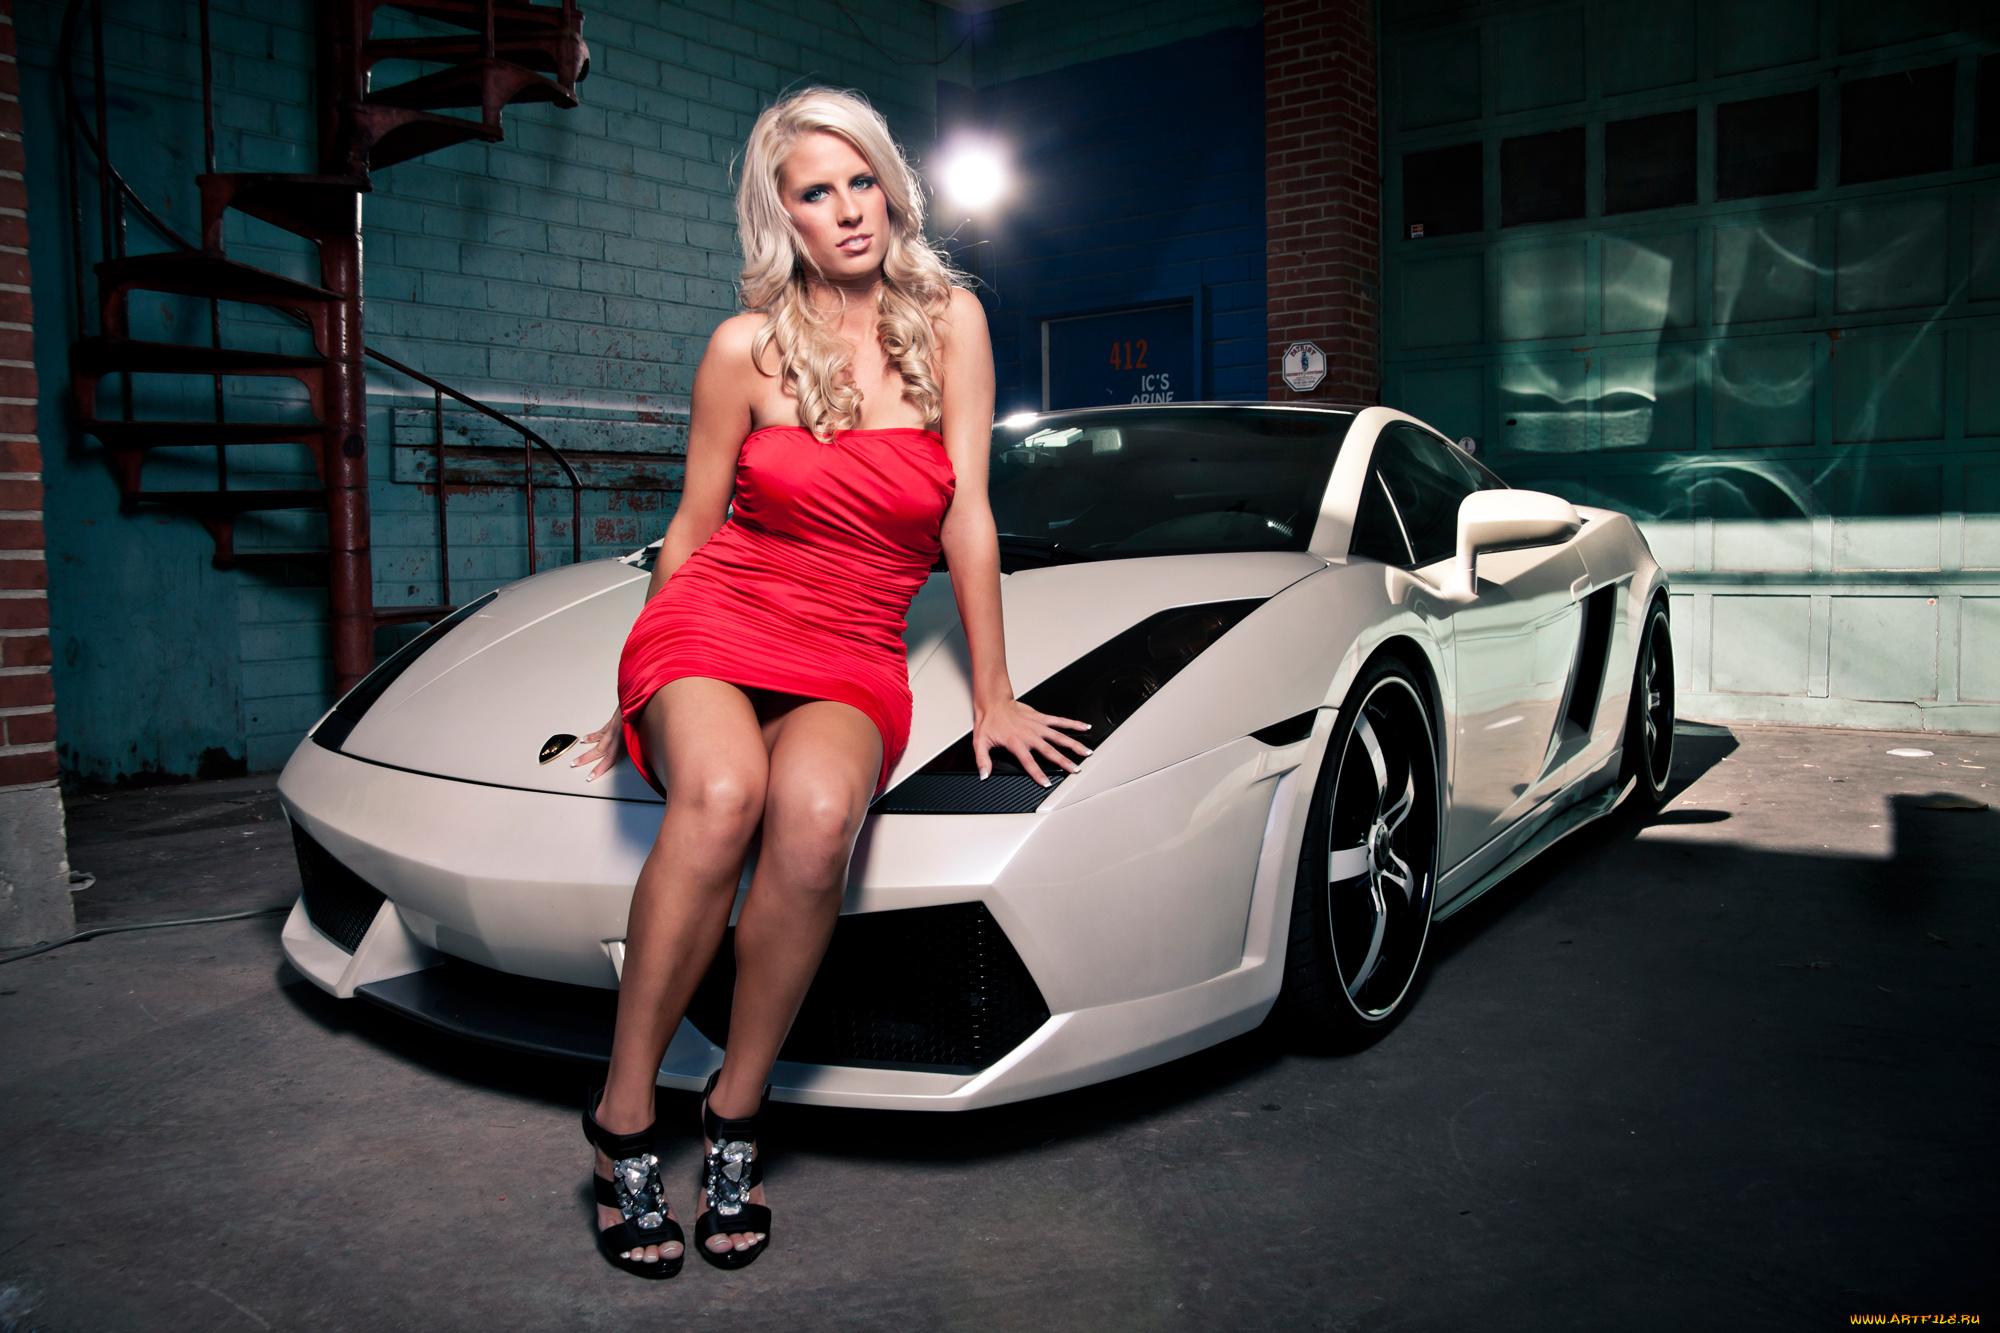 Очаровательная девушка возле белого авто без смс